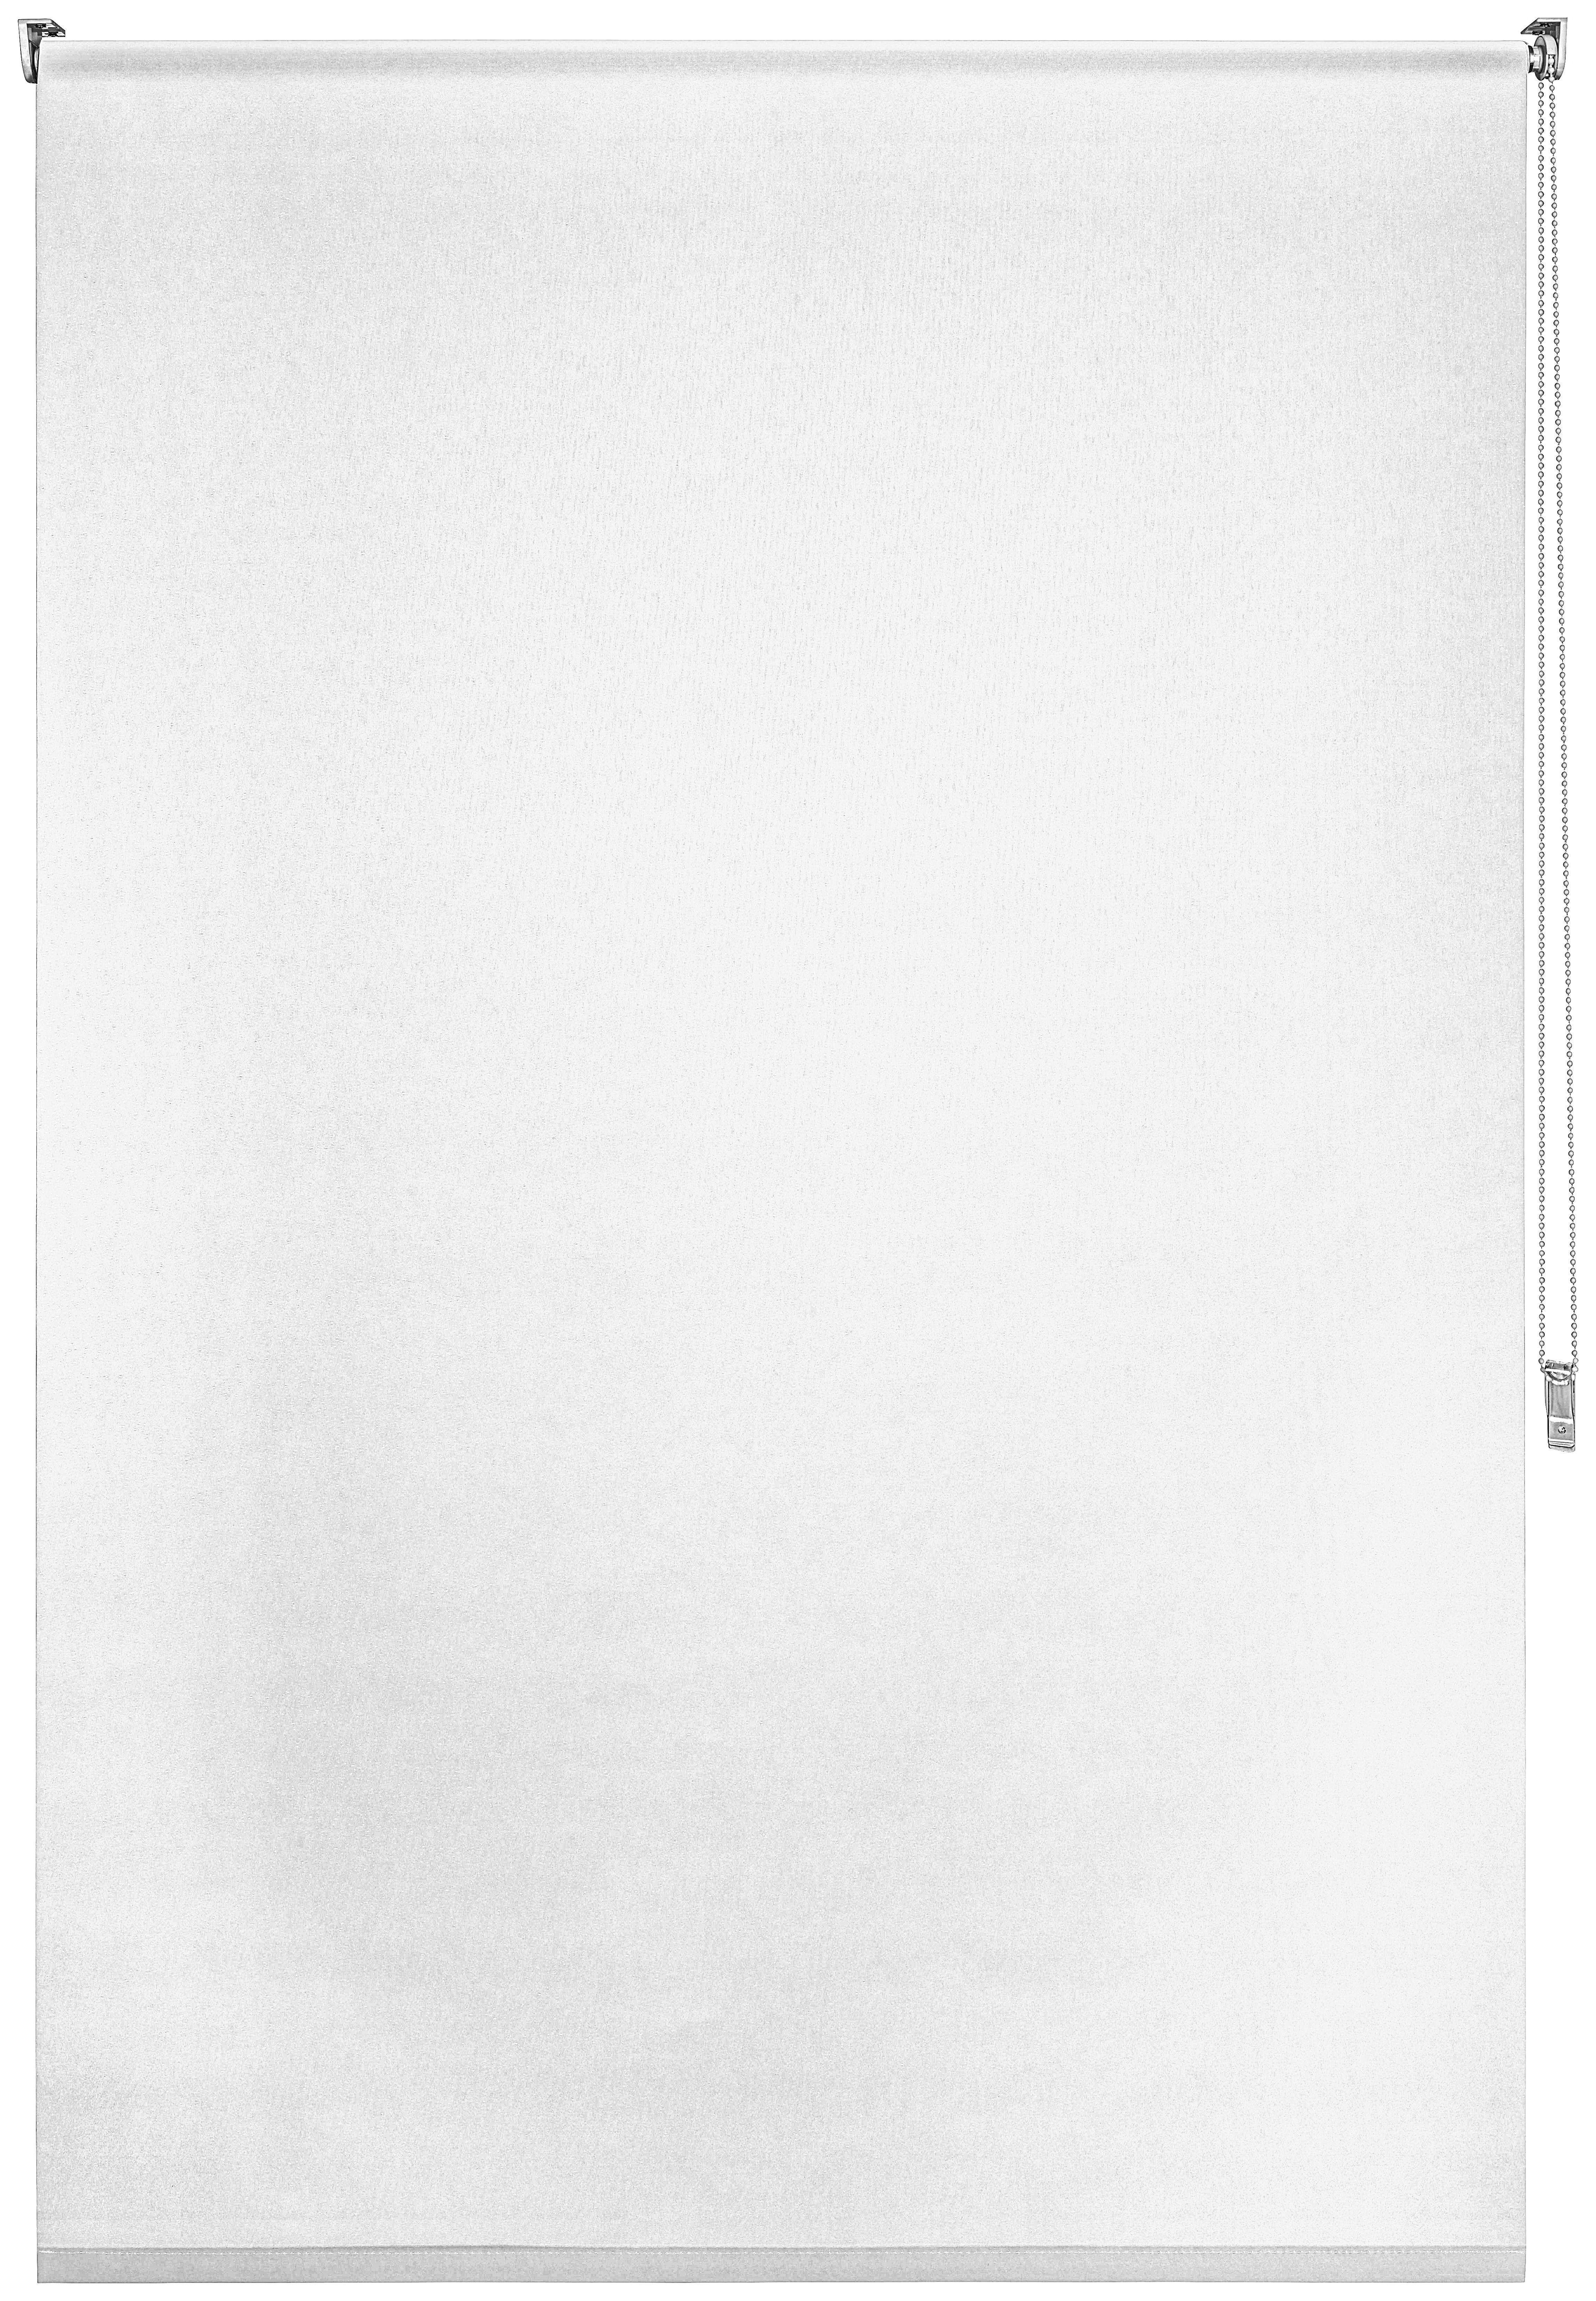 Roló Daylight - fehér, modern, textil (100/150cm) - MÖMAX modern living